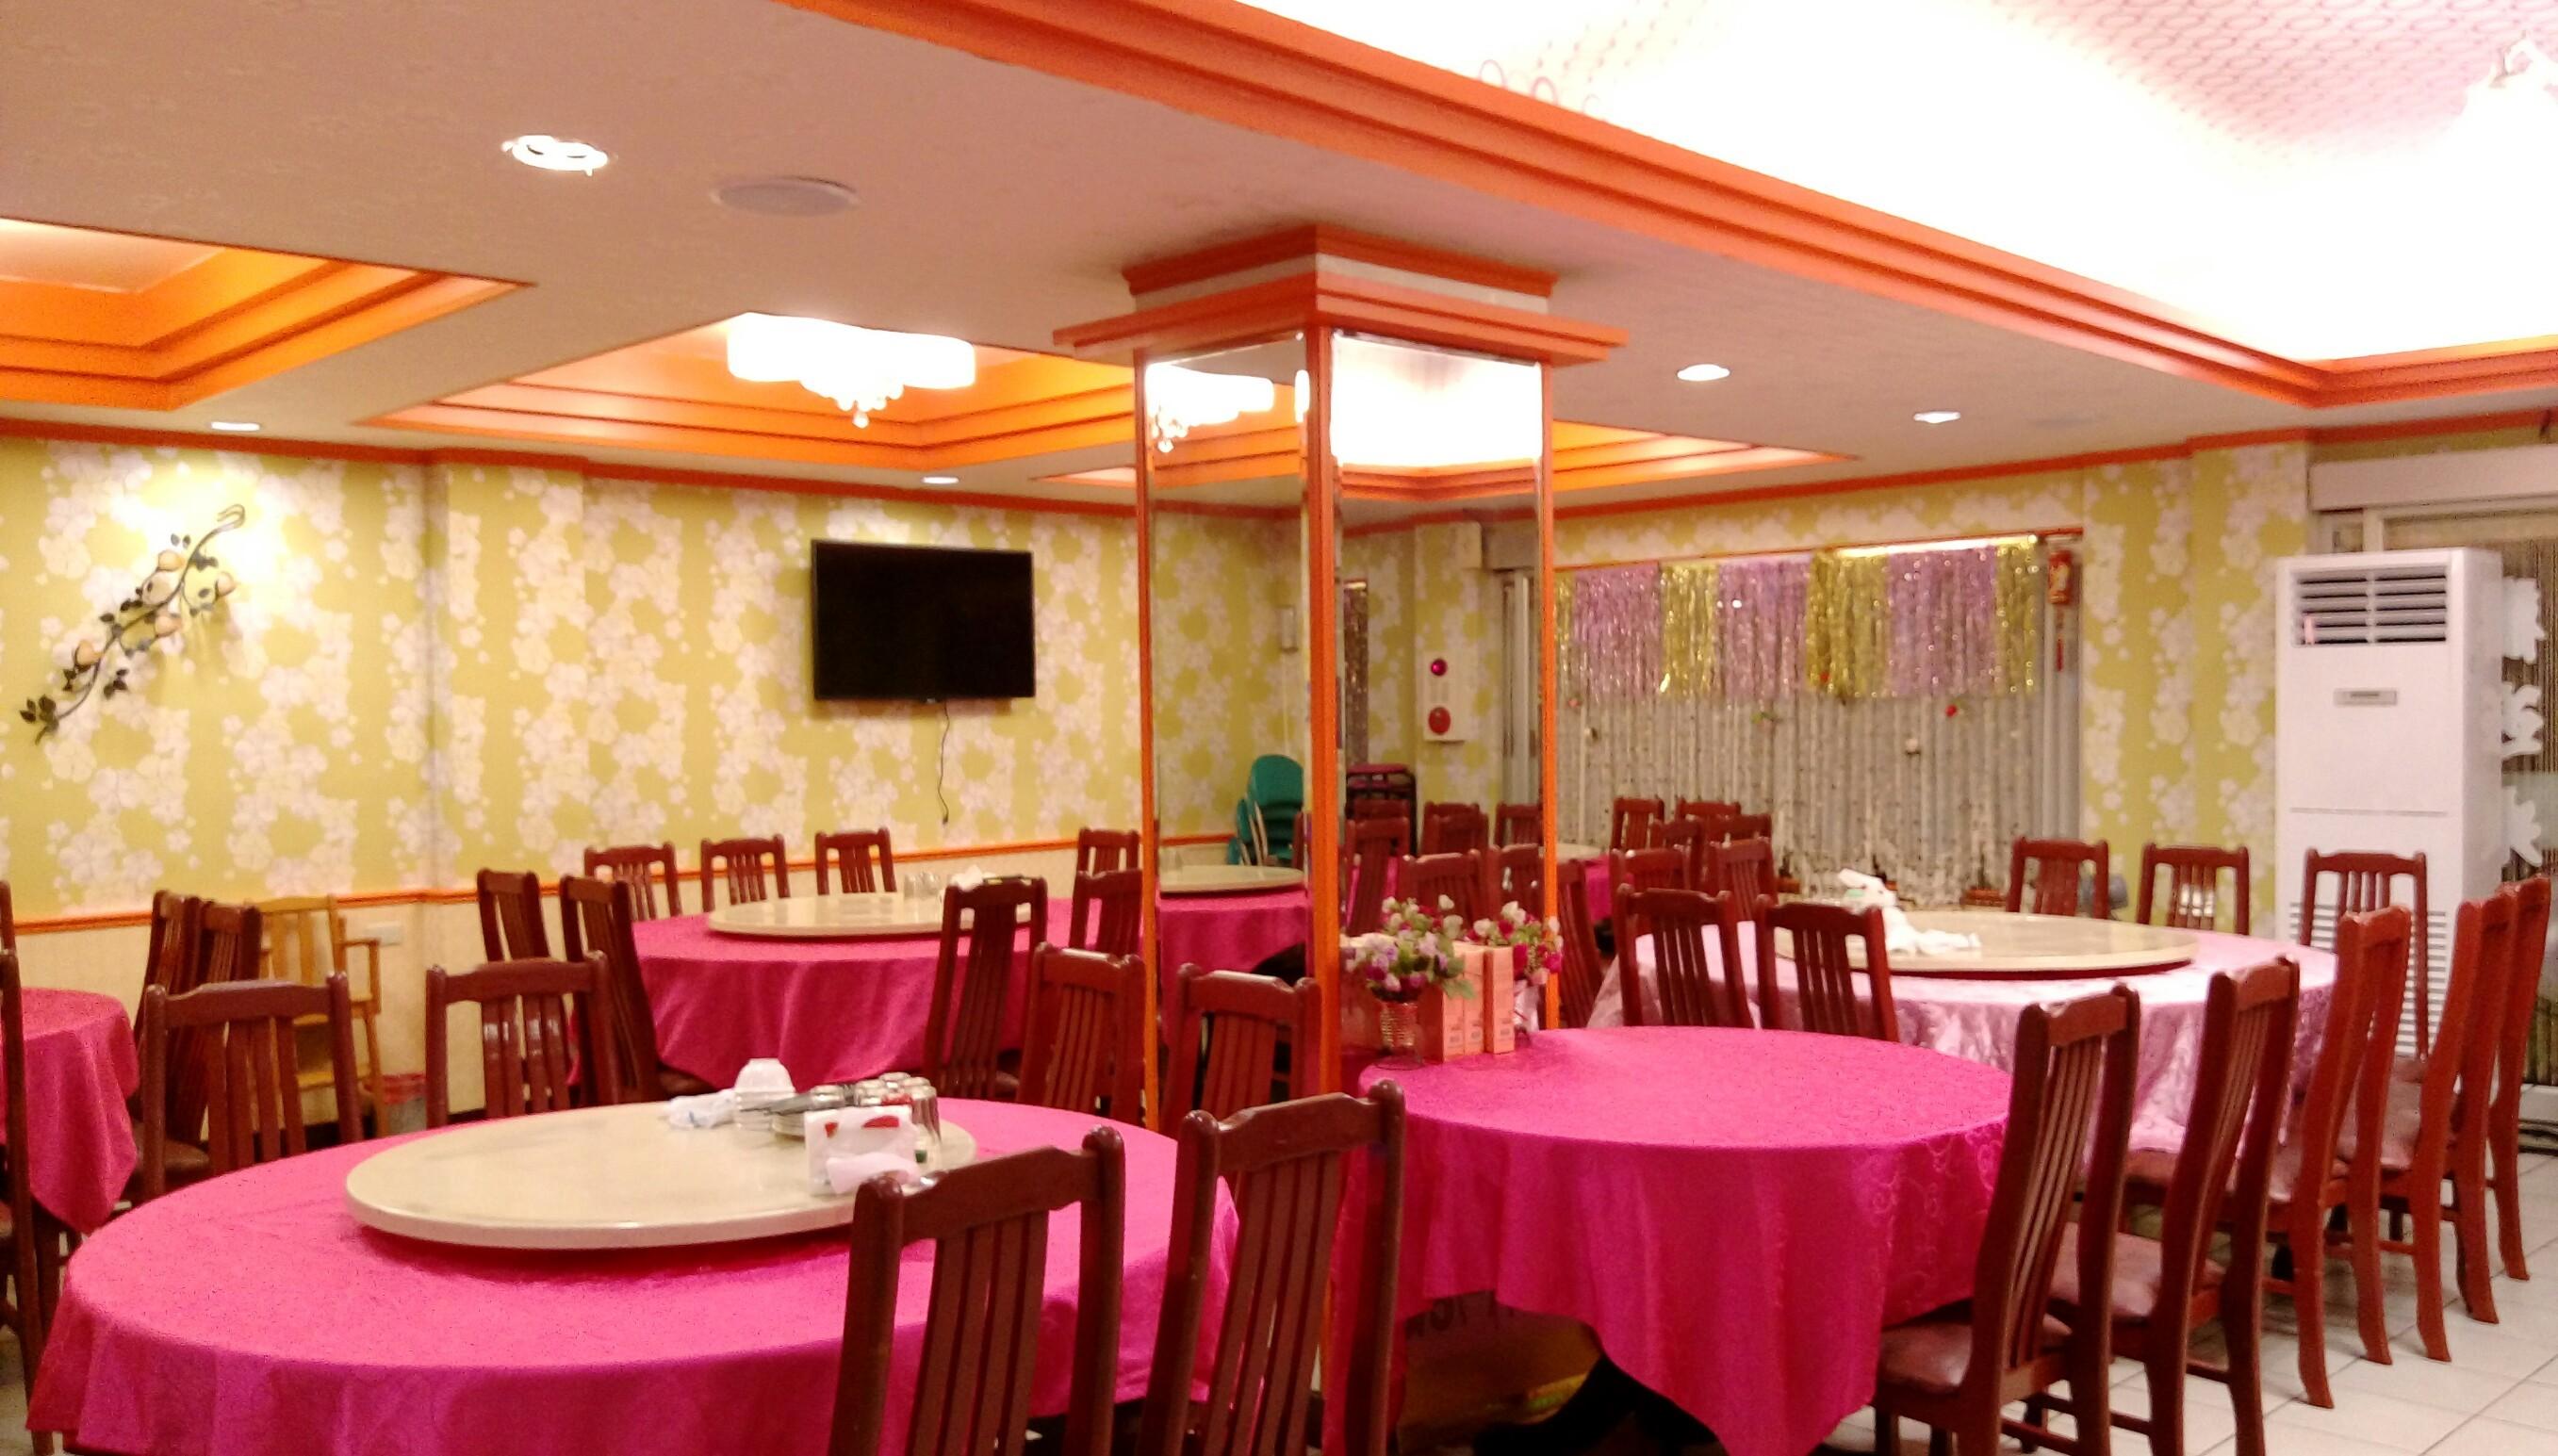 餐廳新裝潢_170728_0032.jpg